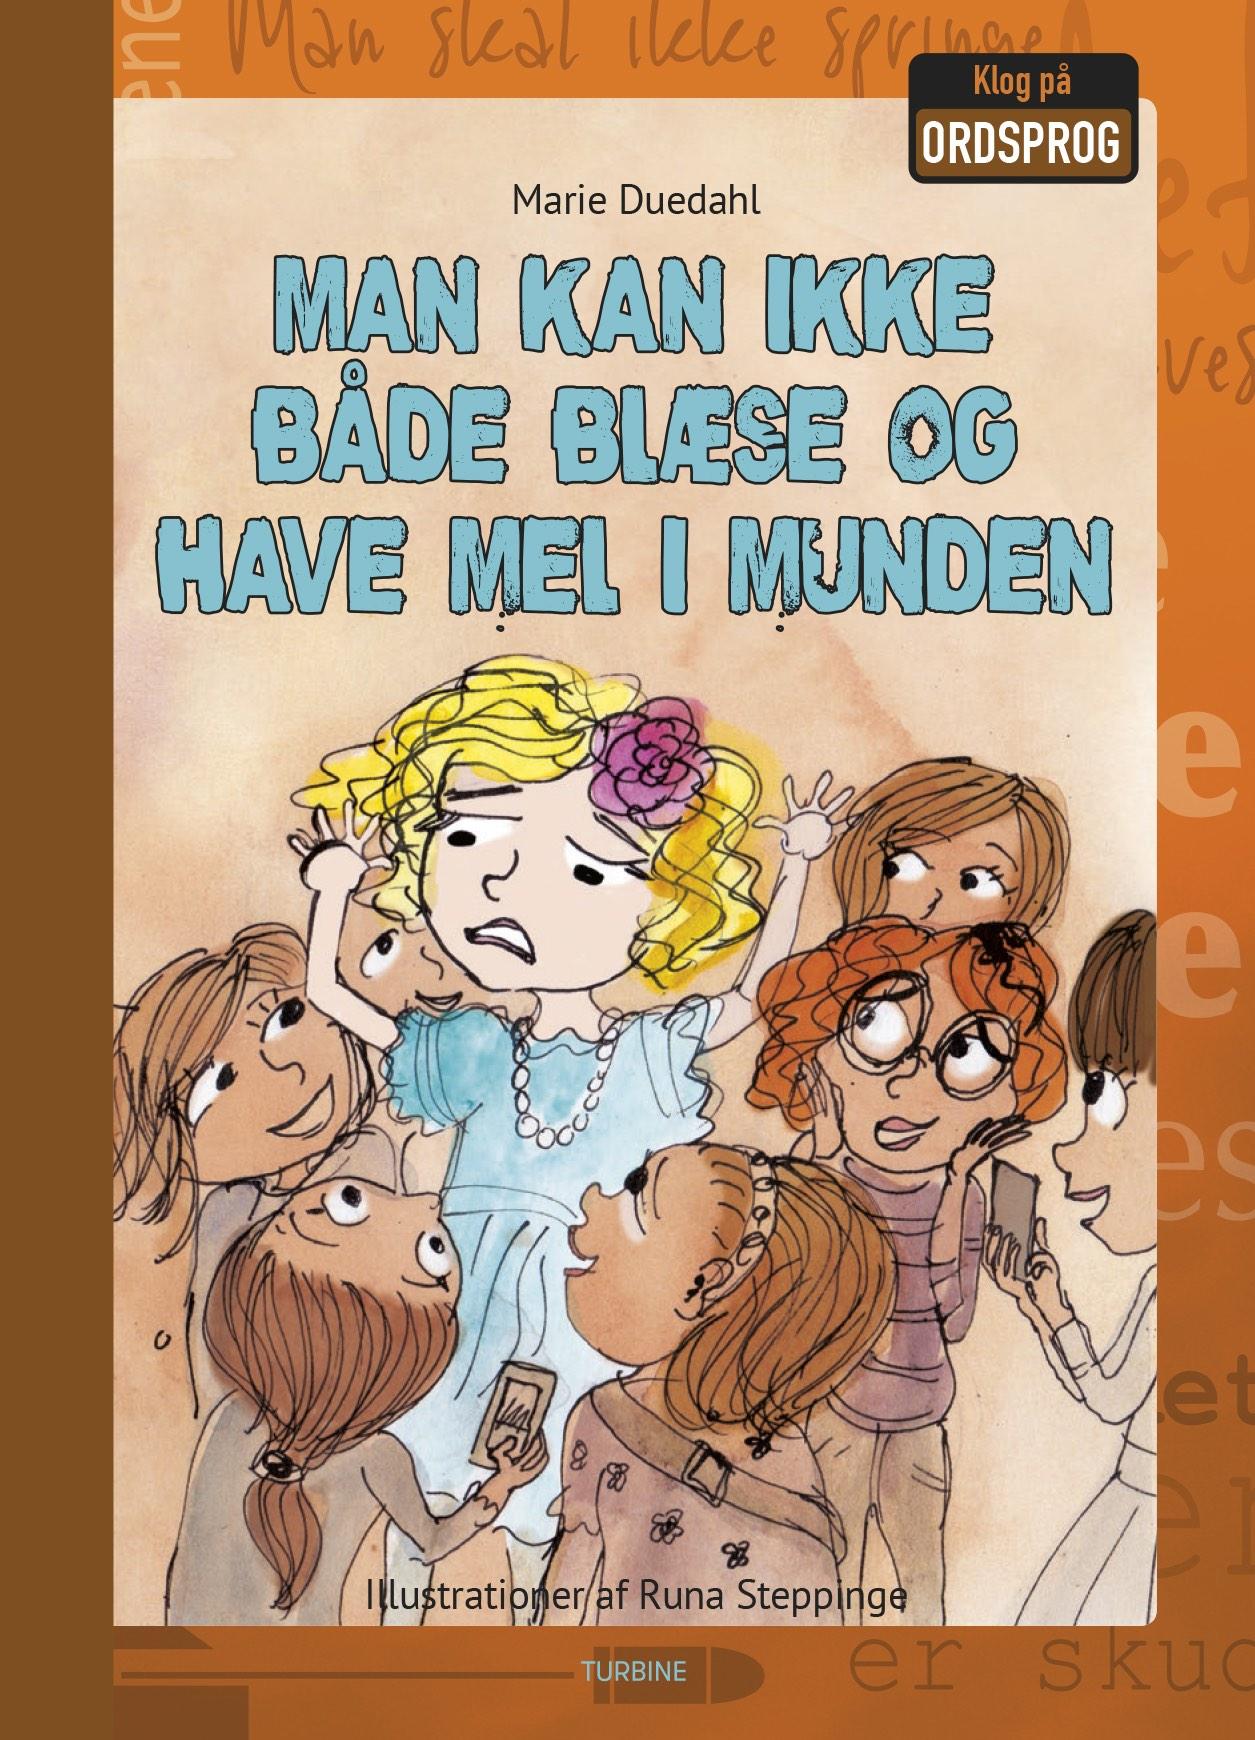 Klog på ordsprog: Man kan ikke både blæse og have mel i munden - Marie Duedahl - Bøger - Turbine - 9788740656435 - 22/1-2020